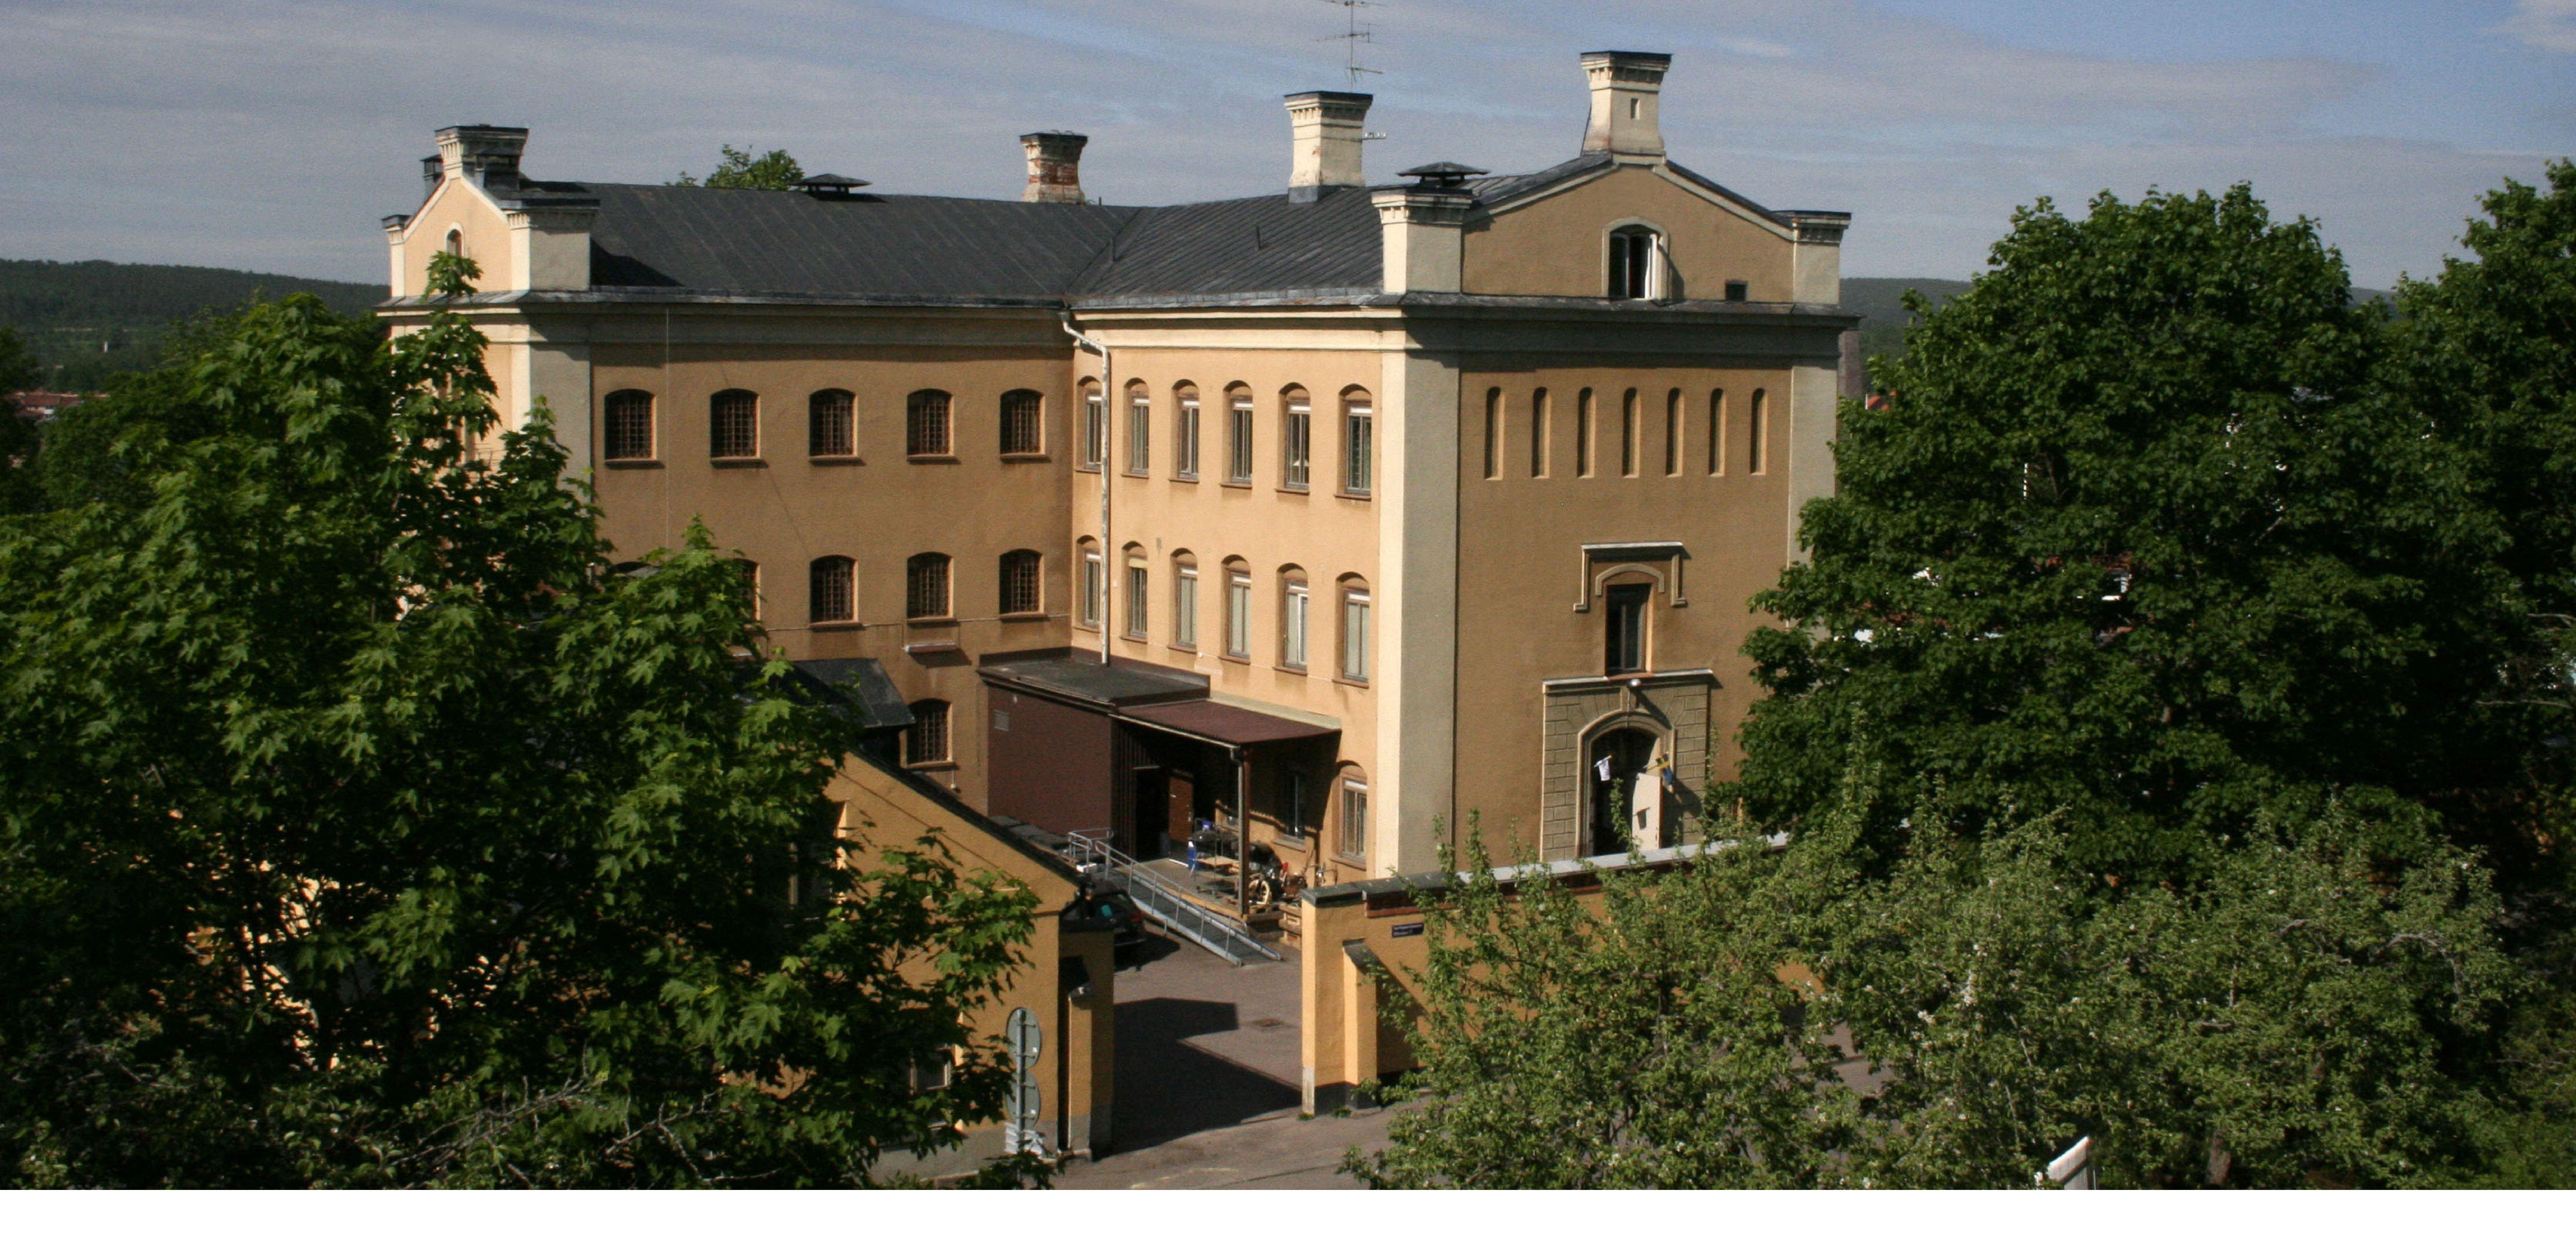 Falu Fängelse Vandrarhem, SVIF, Falun